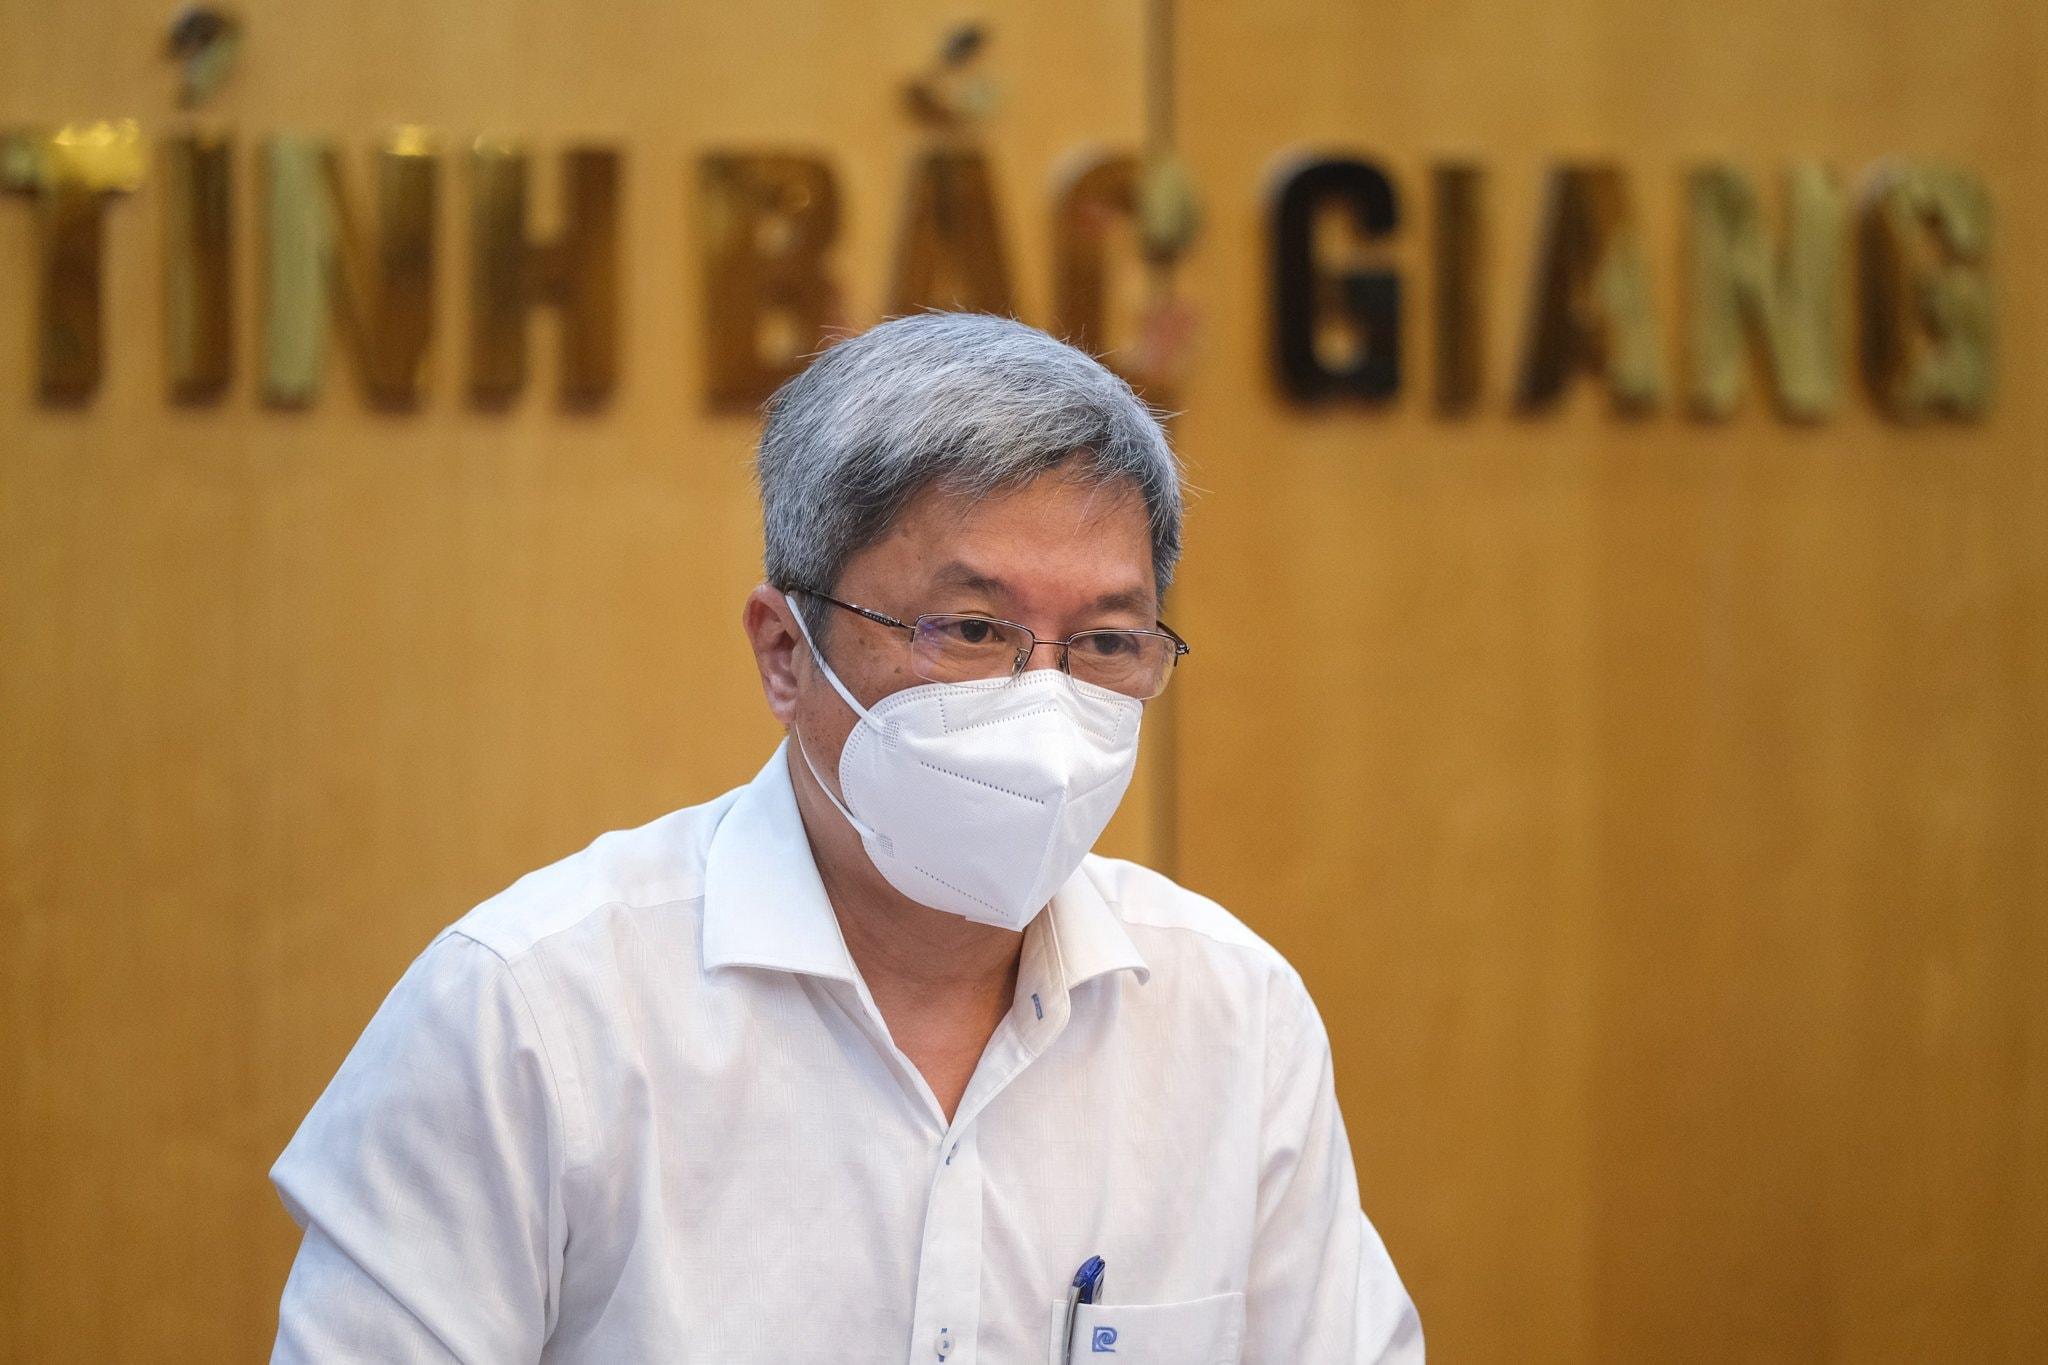 Thứ trưởng Bộ Y tế Nguyễn Trường Sơn: Sẽ thí điểm cho người dân tự lấy mẫu test nhanh Covid-19 - Ảnh 2.